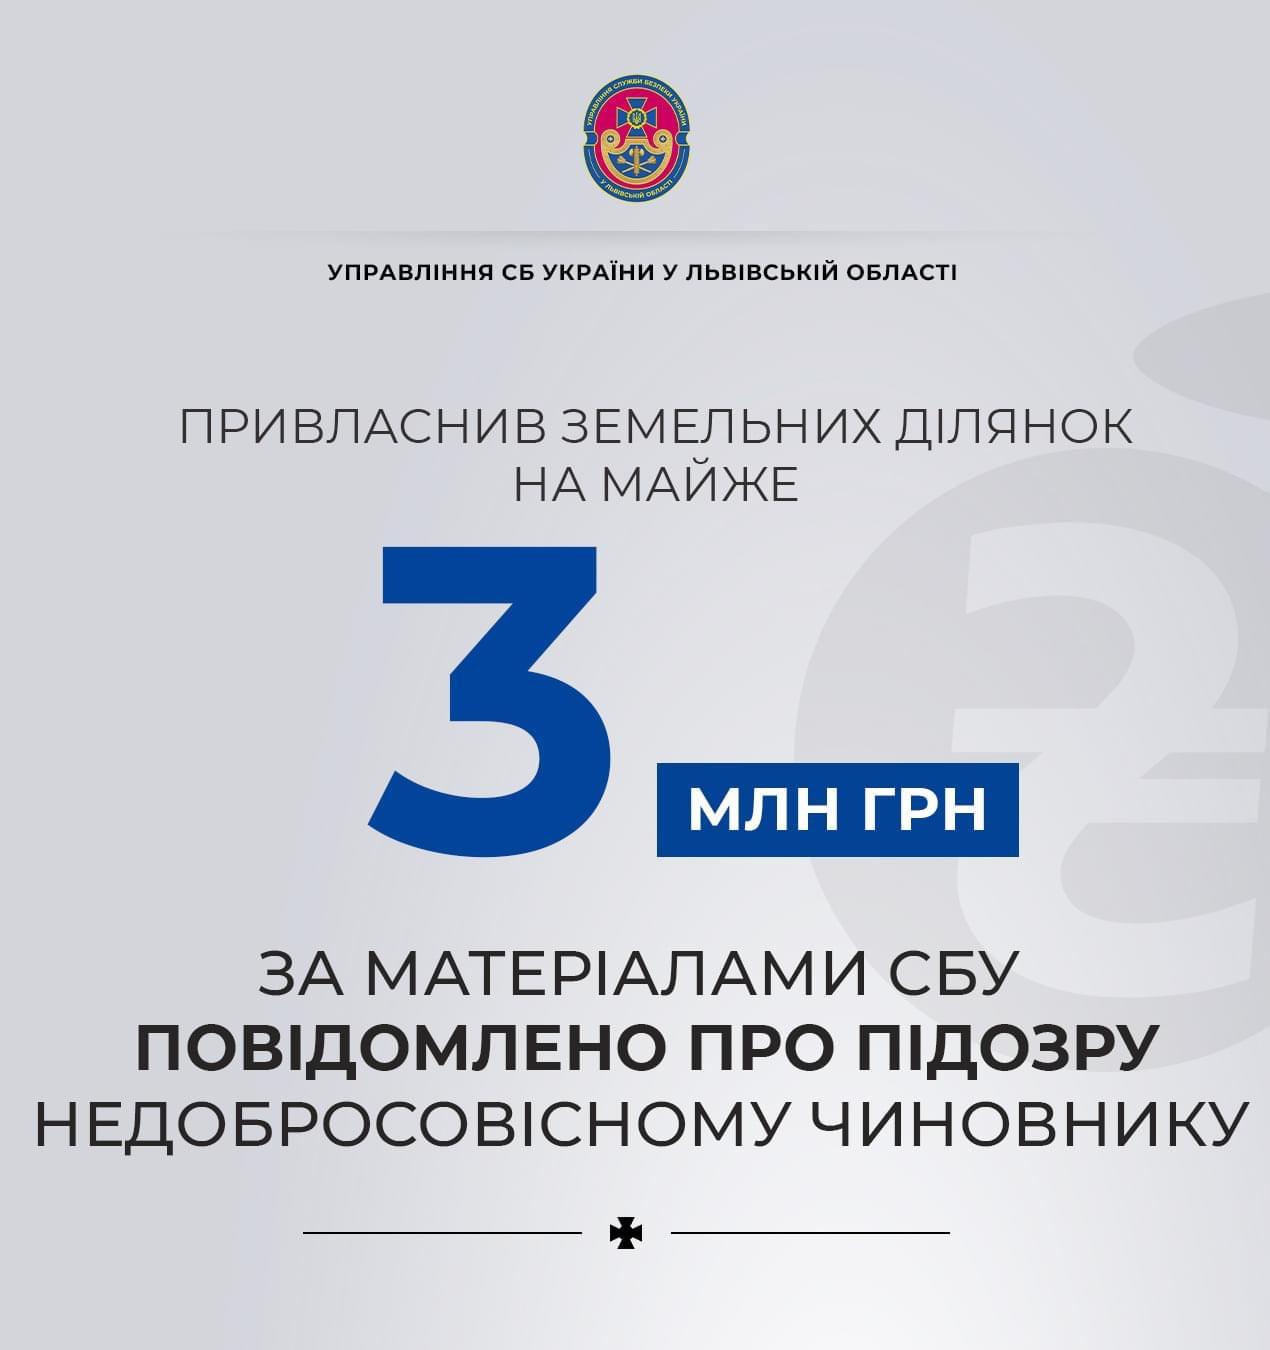 Привласнив земельних ділянок на майже 3 млн грн: за матеріалами СБУ повідомлено про підозру недобросовісному чиновнику